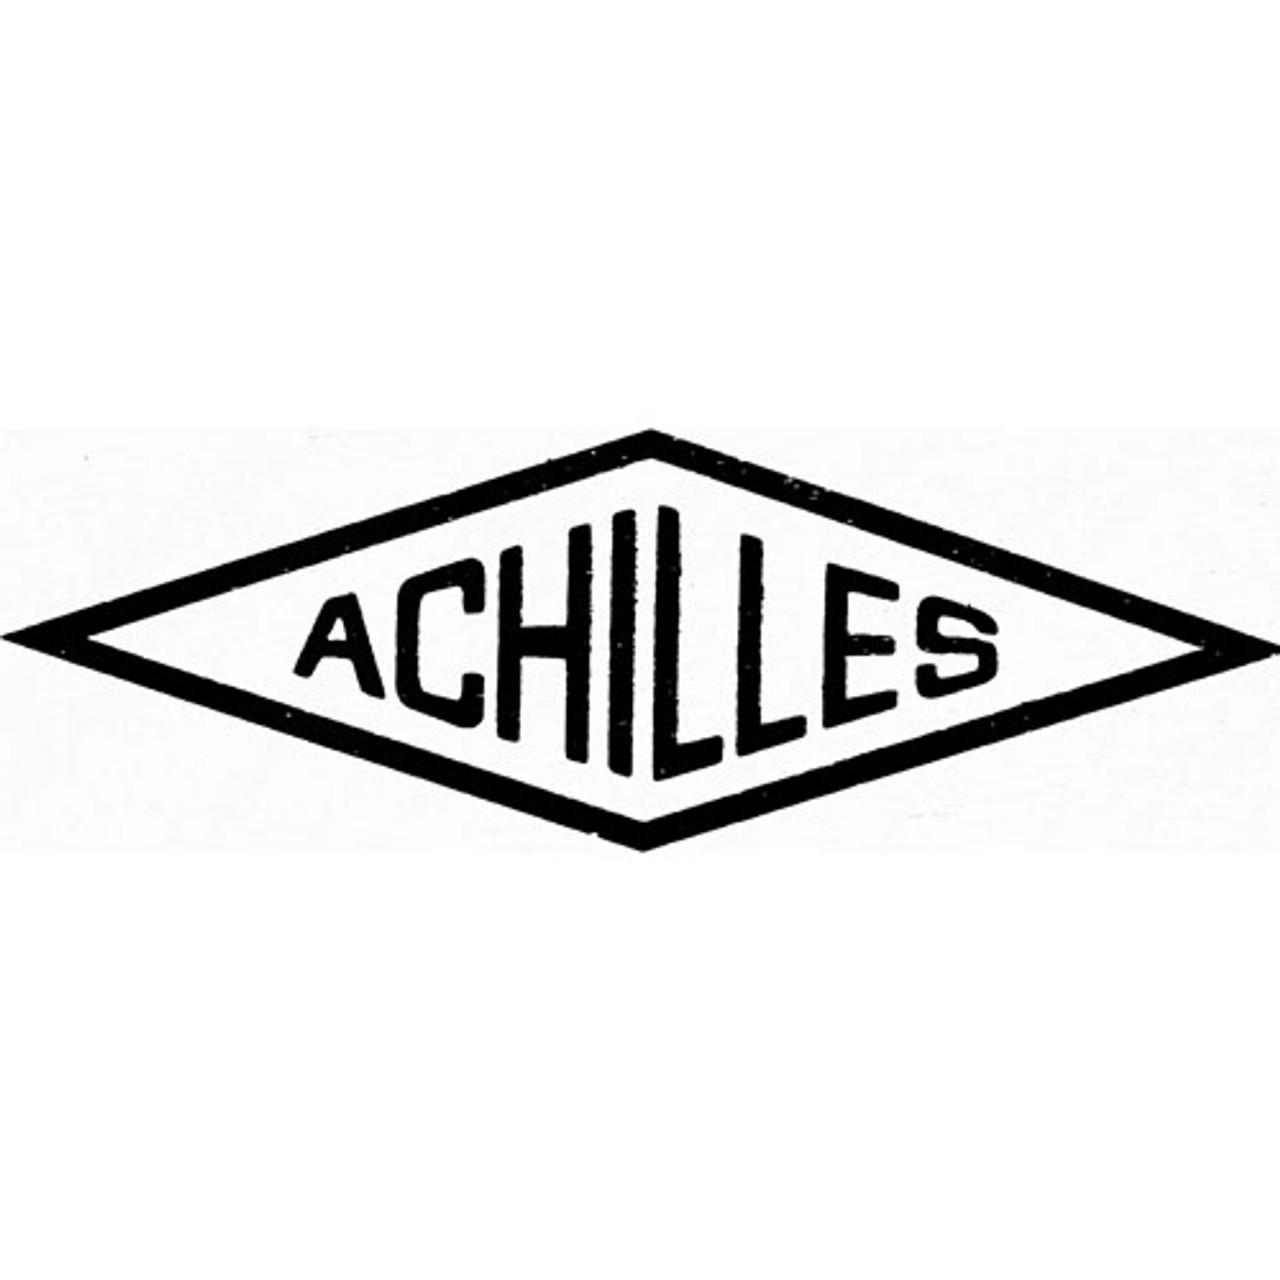 Curivari Achilles Invensibles 6 Cigars - 6.25 x 54 (Box of 10)